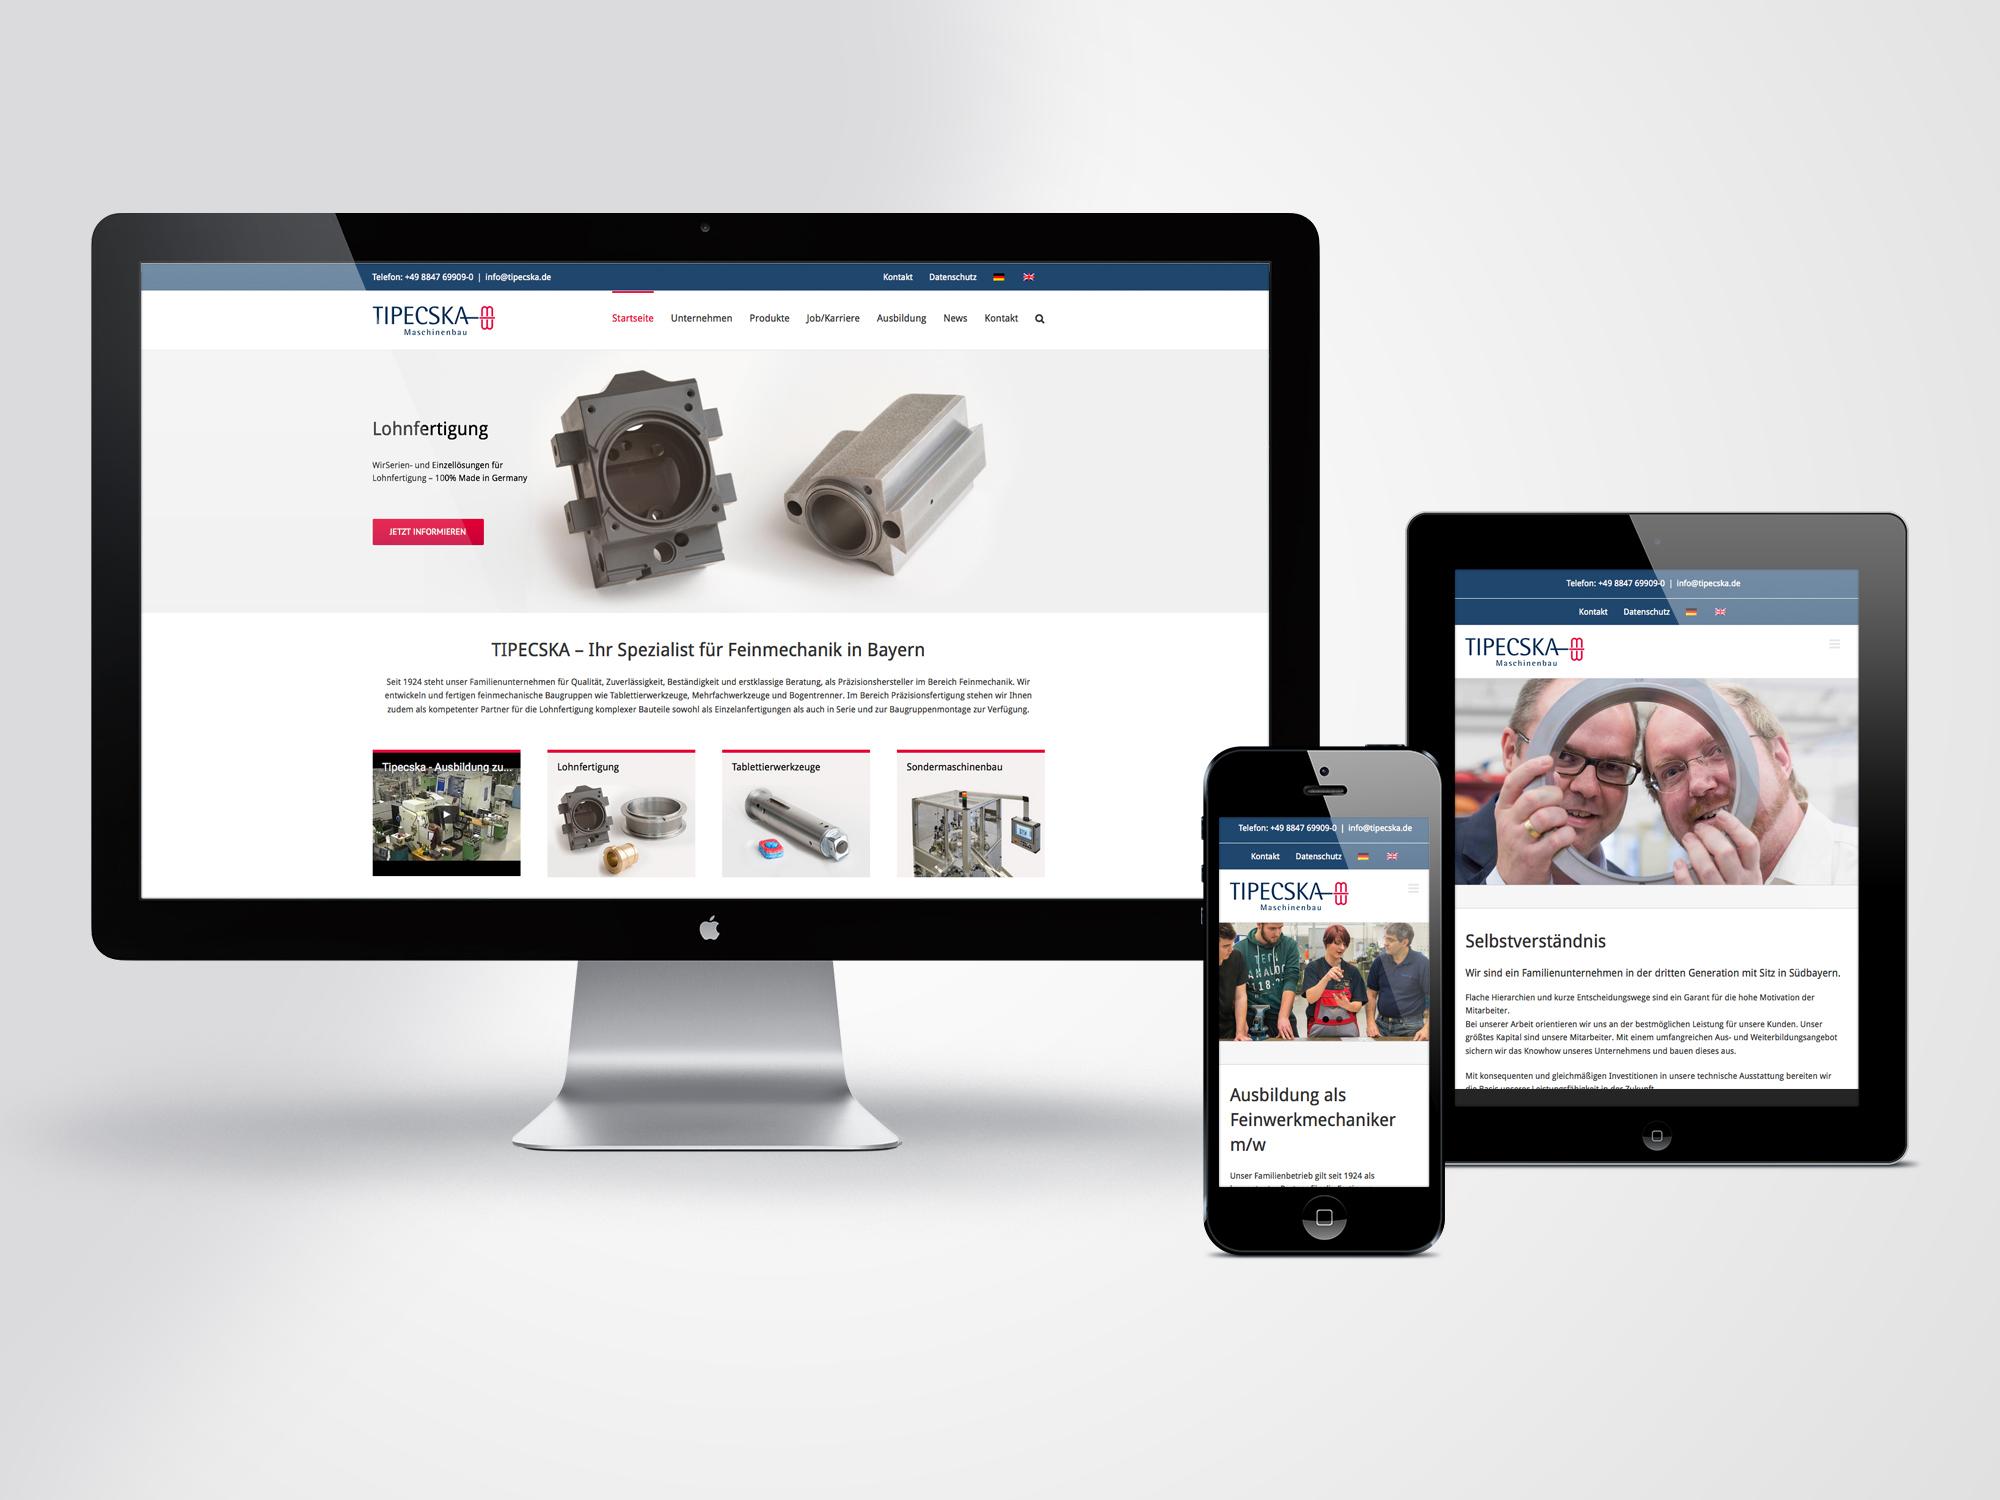 Webdesign-Tipecska